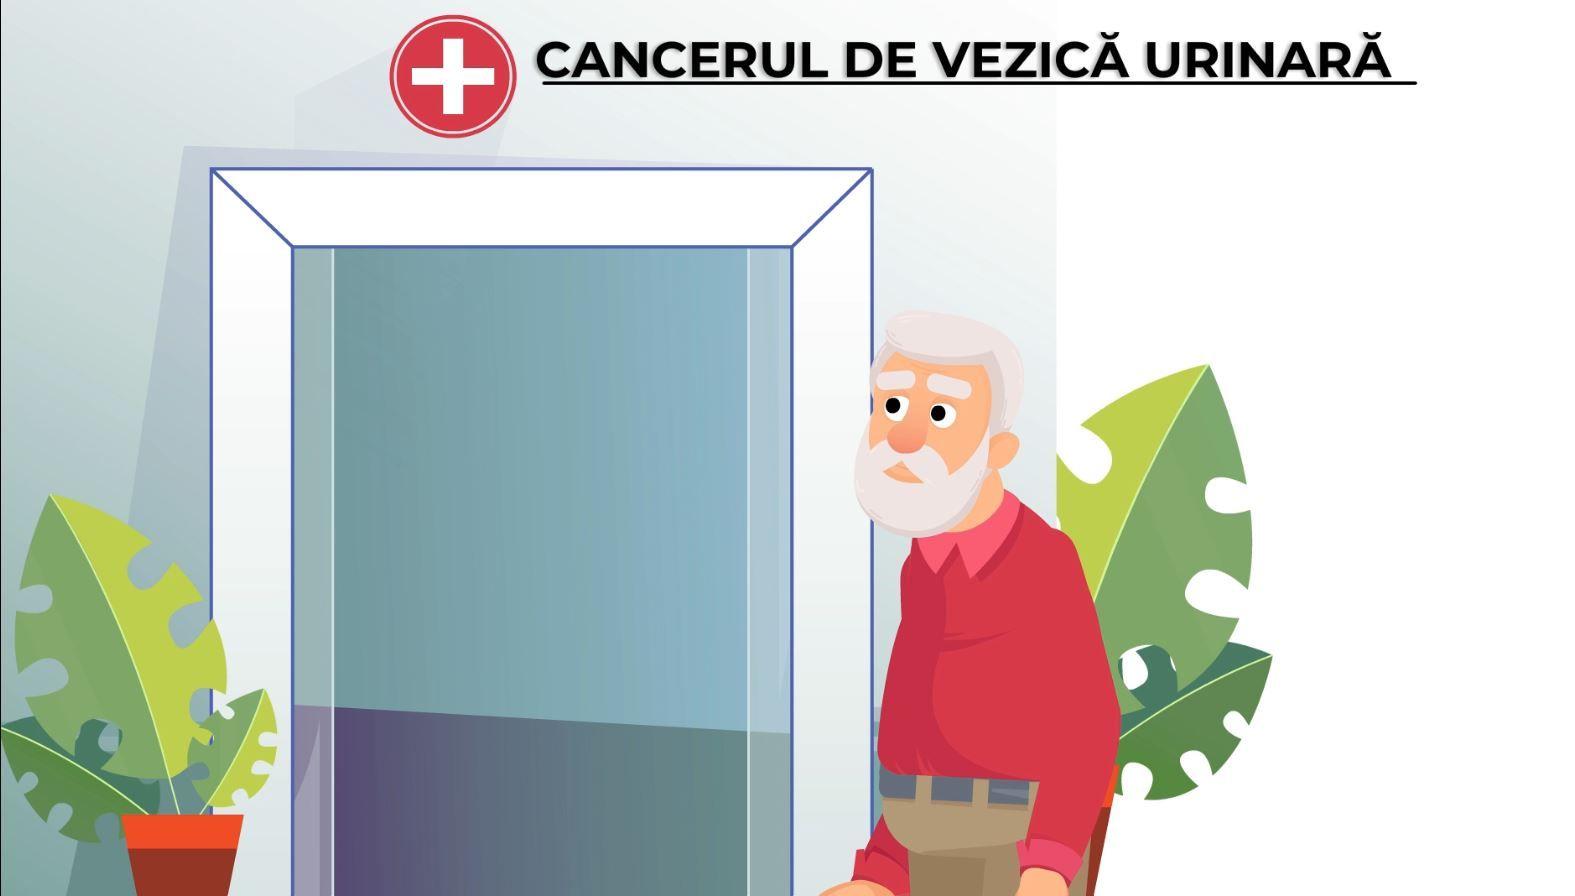 Eliminare involuntară de urină